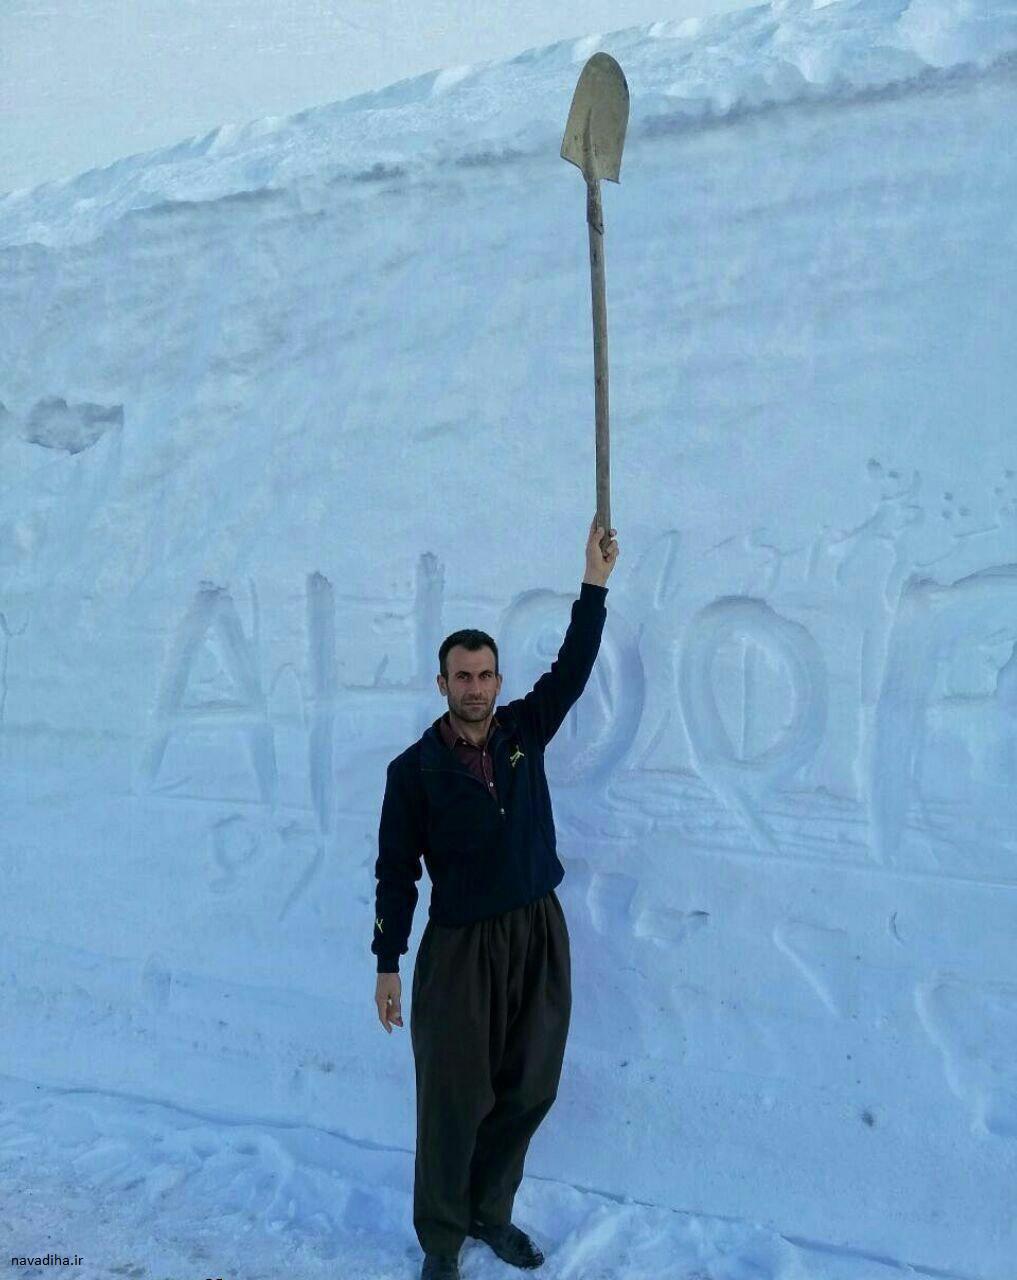 برفی دو و نیم متری ژالانه کردستان درایران